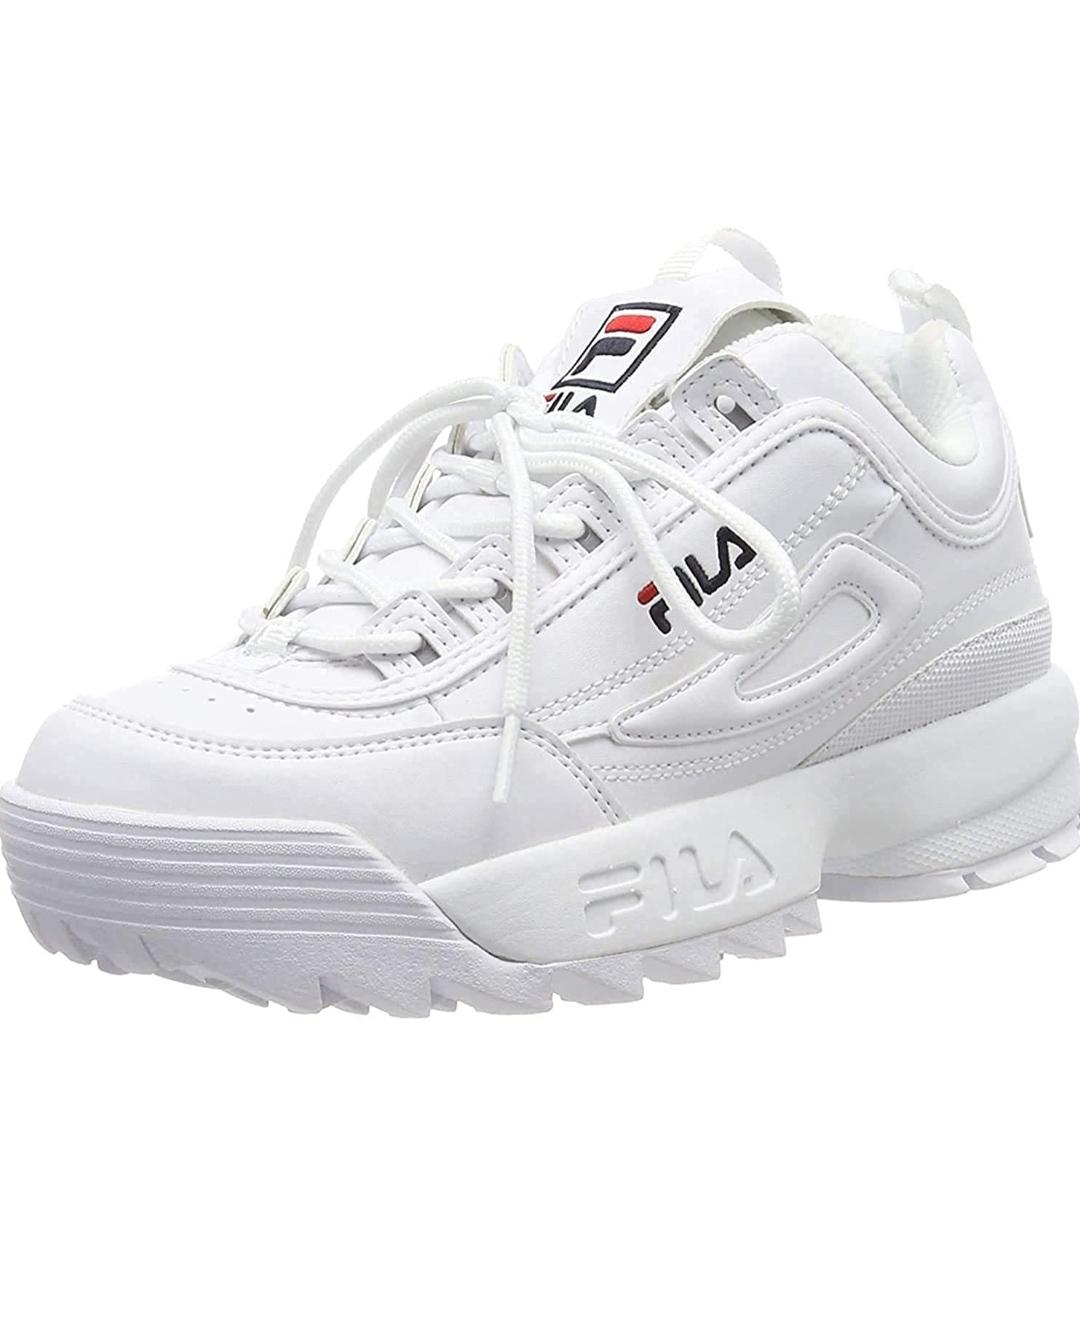 Fila Disruptor WMN, Sneaker Femme